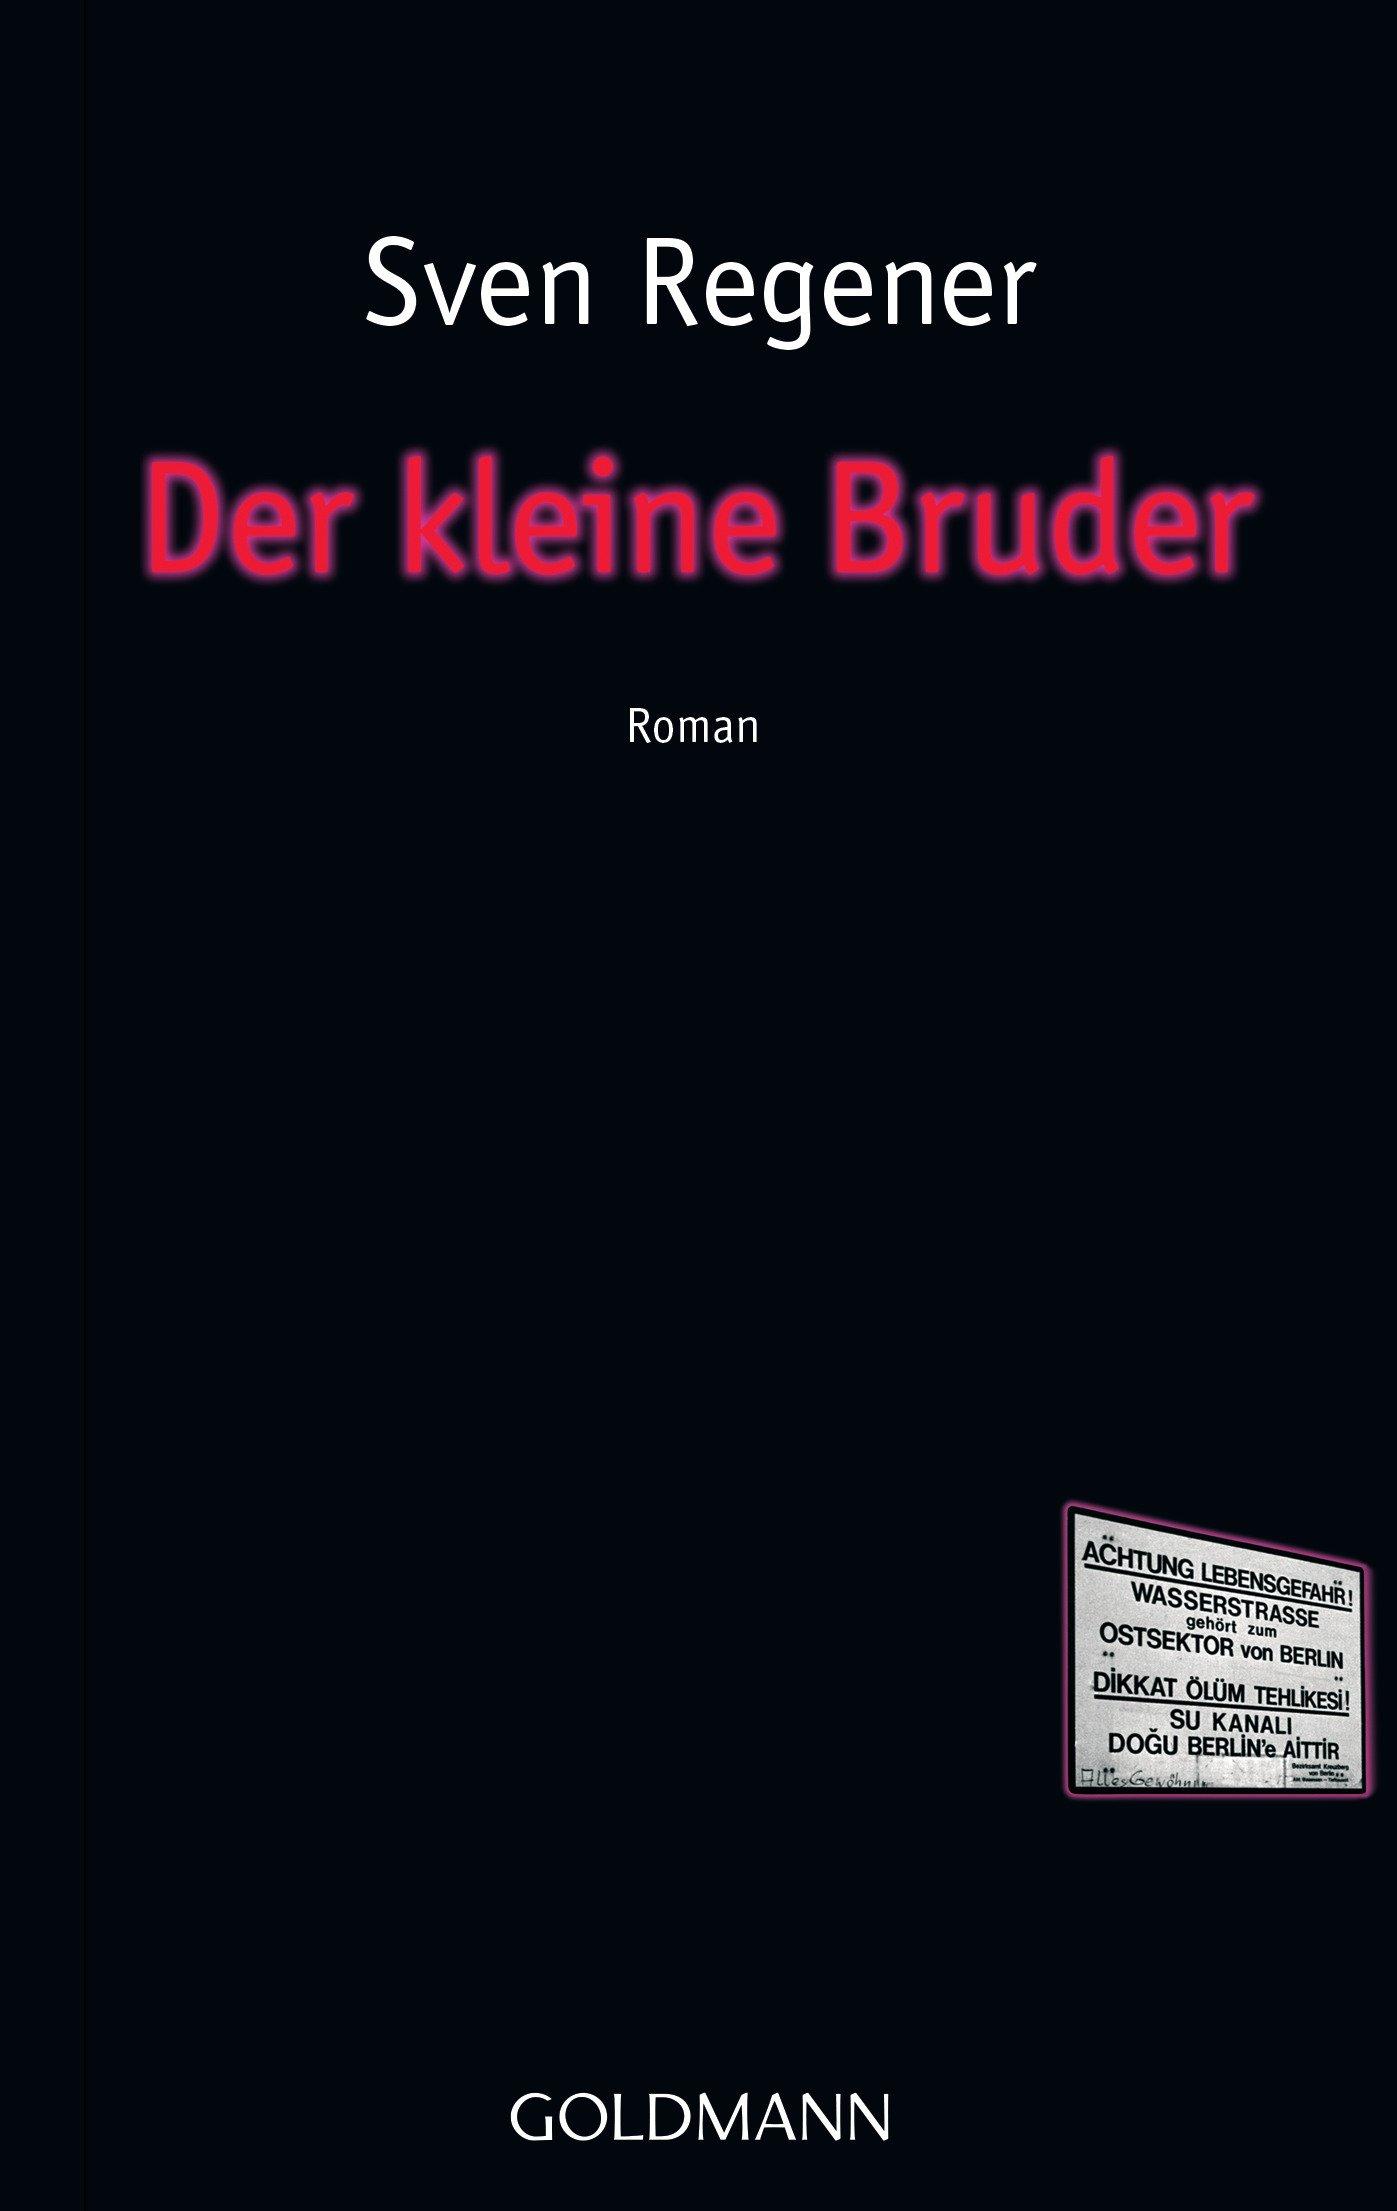 Der kleine Bruder: Roman: Amazon.de: Sven Regener: Bücher